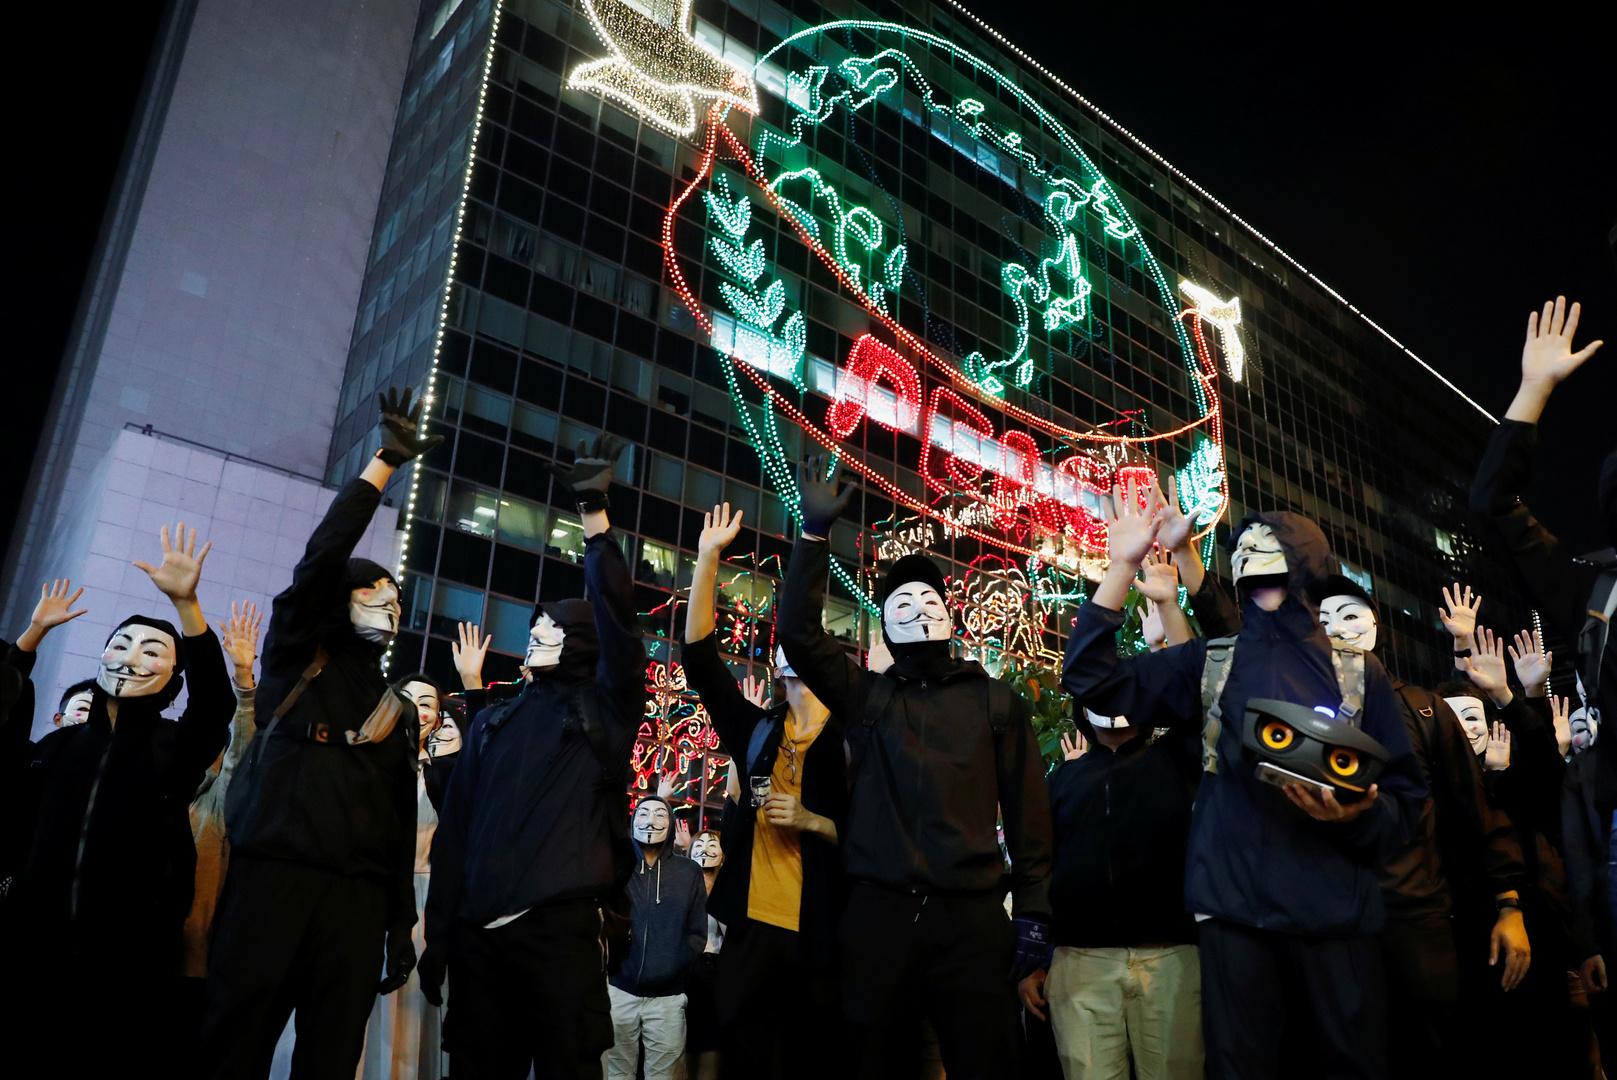 جرح نائب موال لبكين في هونغ كونغ في هجوم بسكين